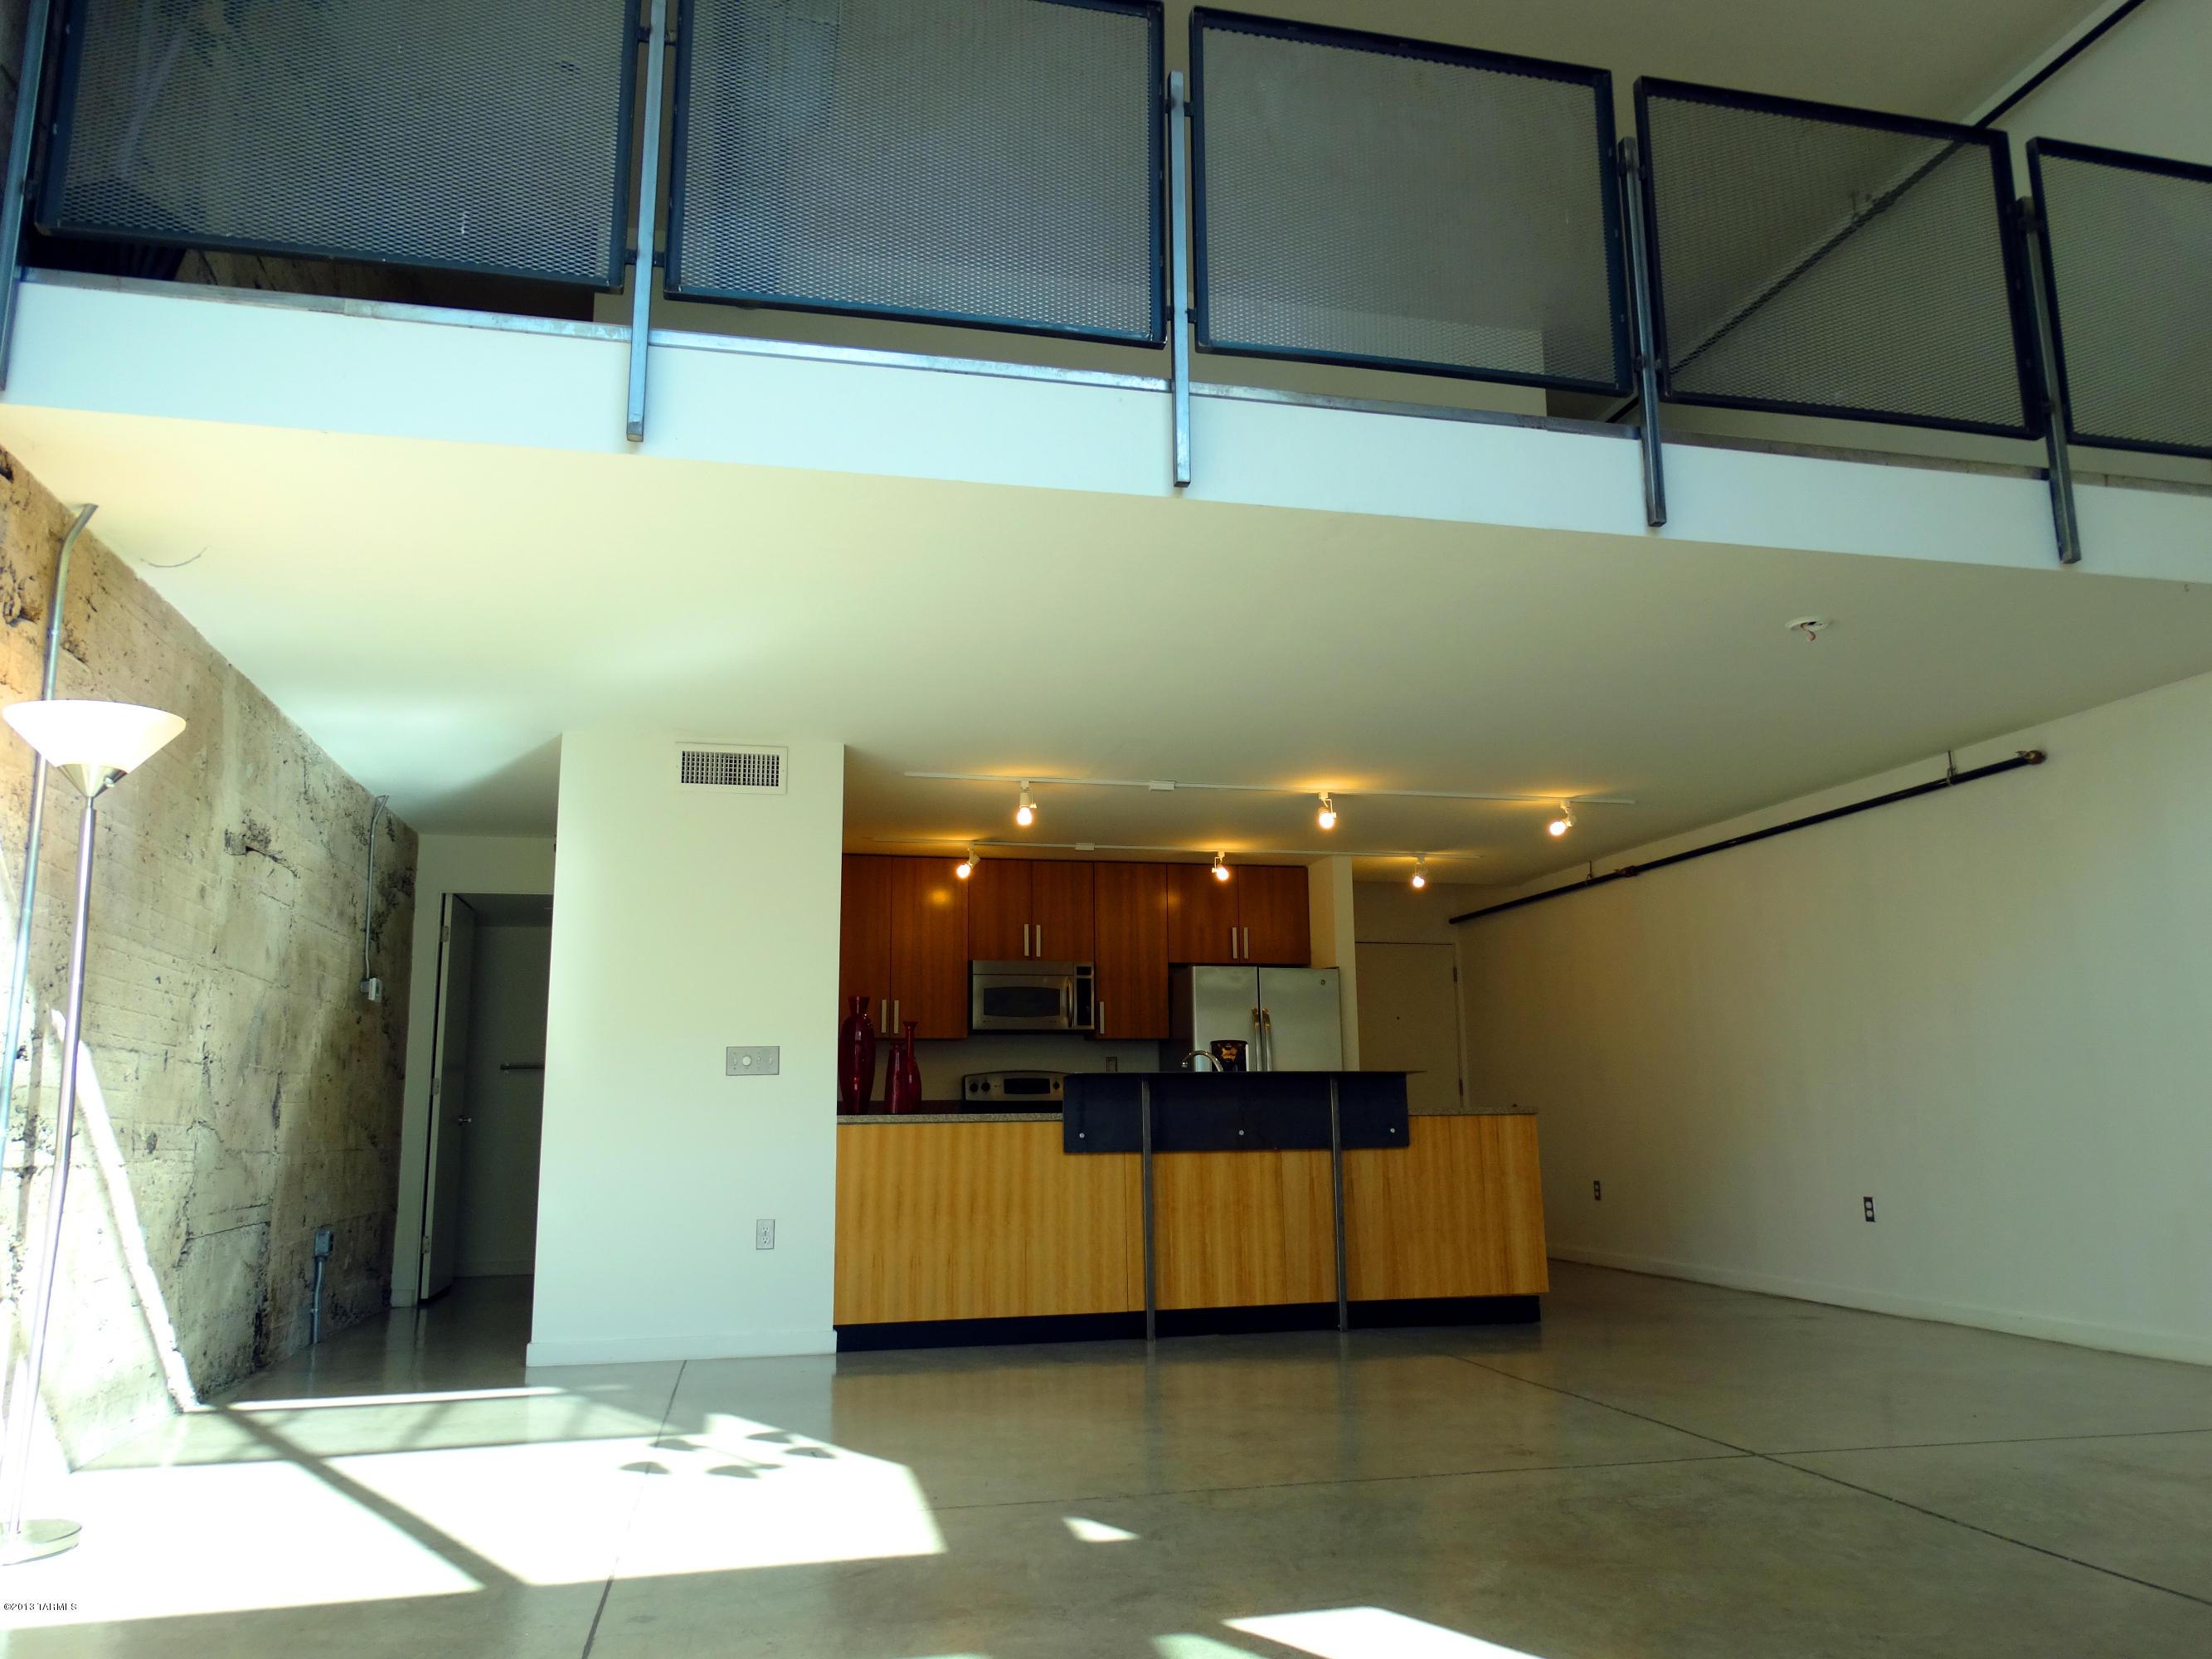 Wondrous Ice House Loft 111 Near Downtown Tucson Az Is For Sale Download Free Architecture Designs Fluibritishbridgeorg